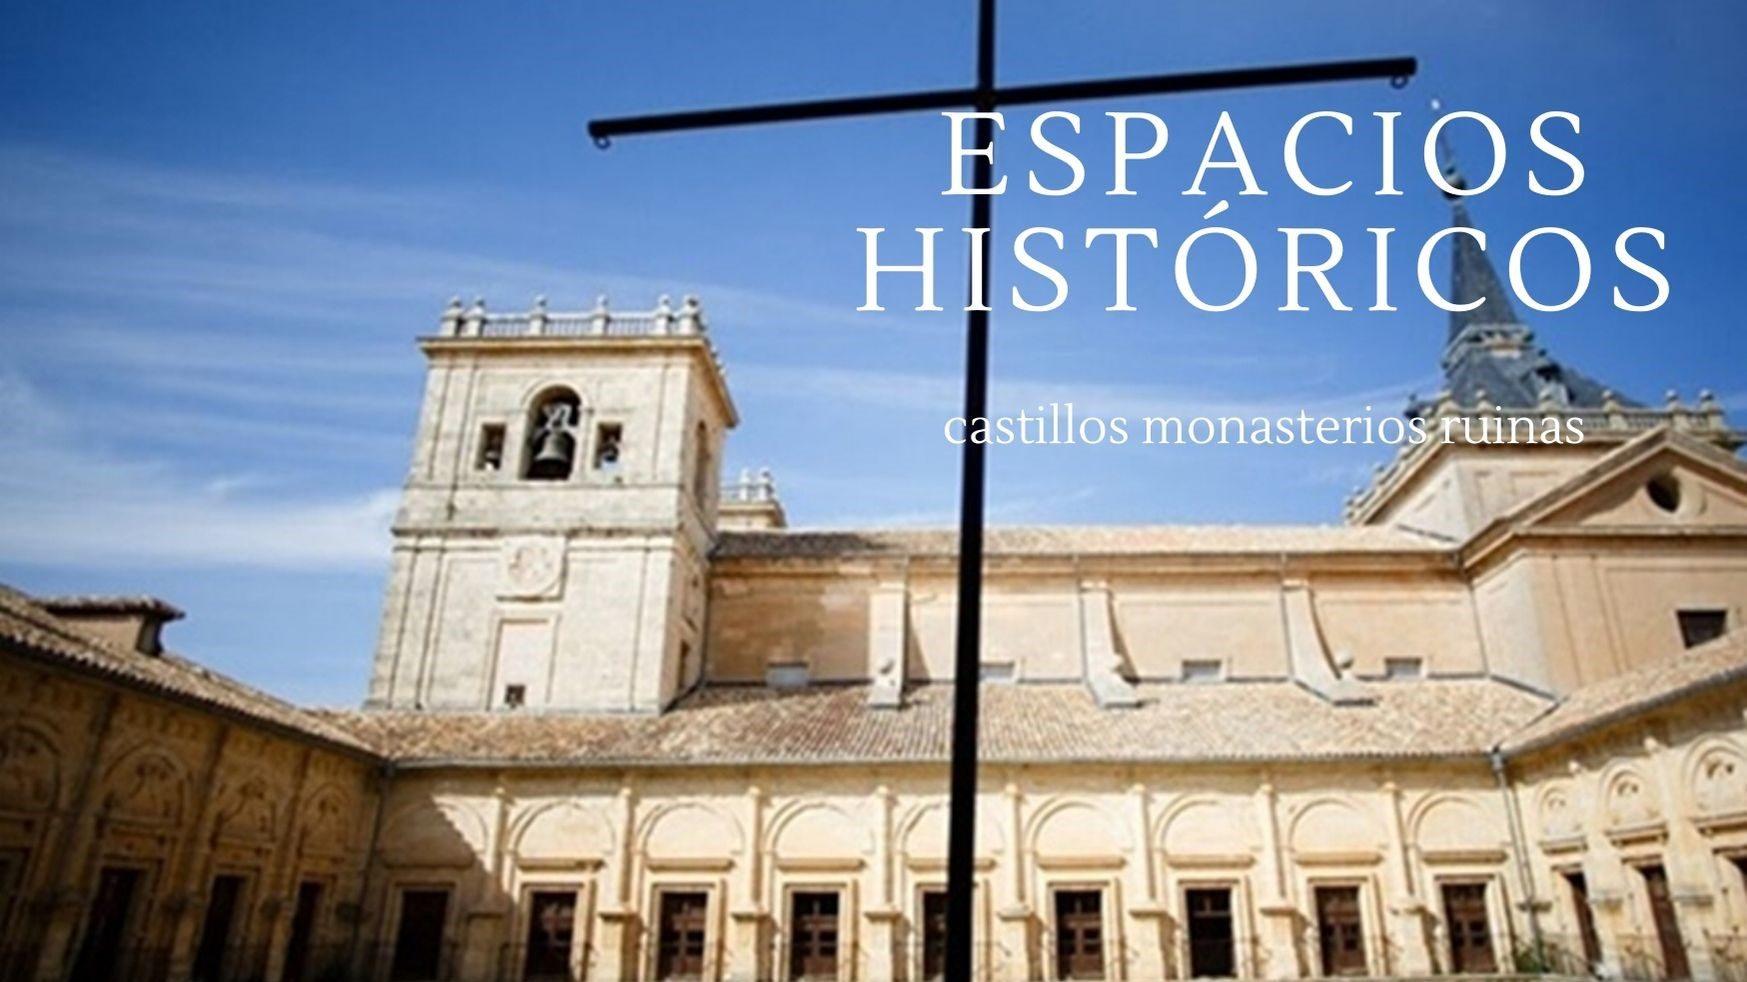 Wedding Planner Madrid bodas en espacios historicos